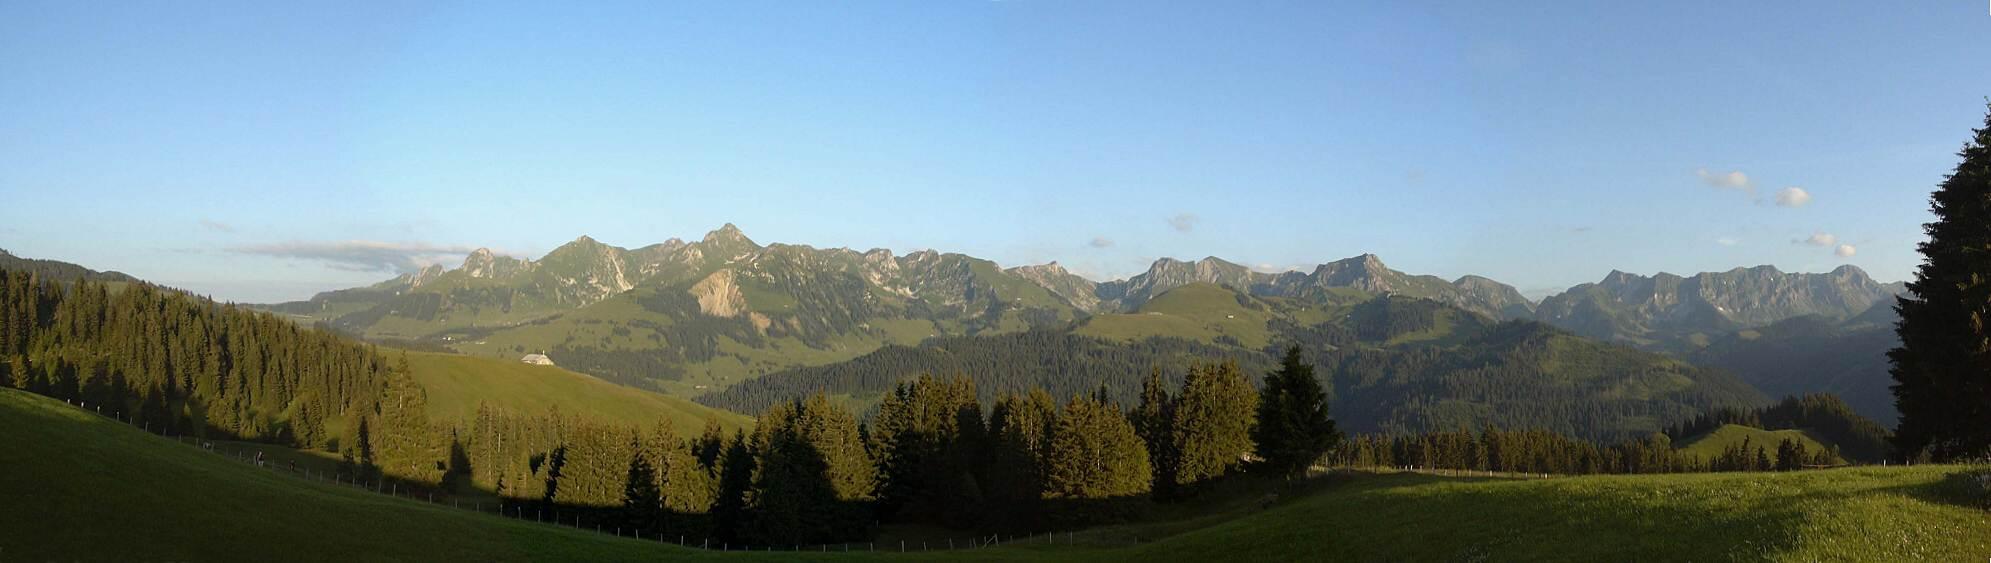 MTB Schweiz 2004 02 karte2